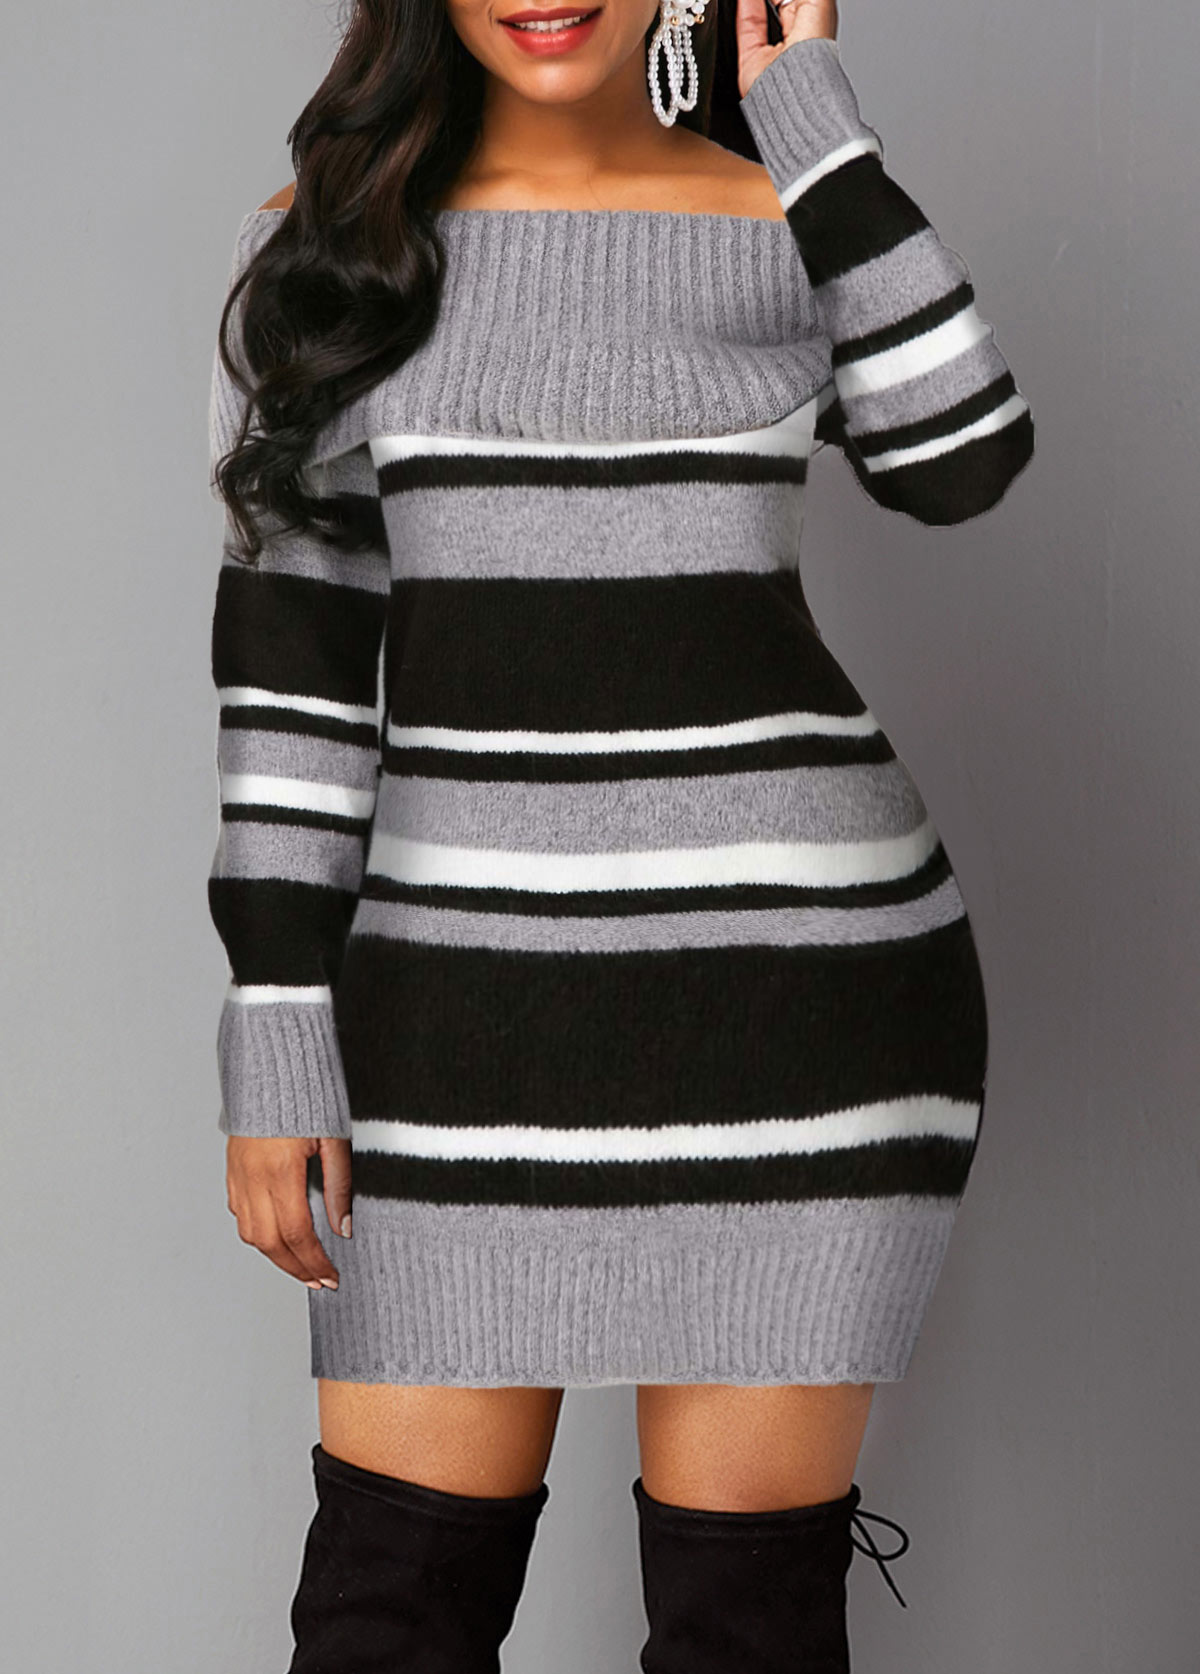 Long Sleeve Off the Shoulder Stripe Pattern Sweater Dress